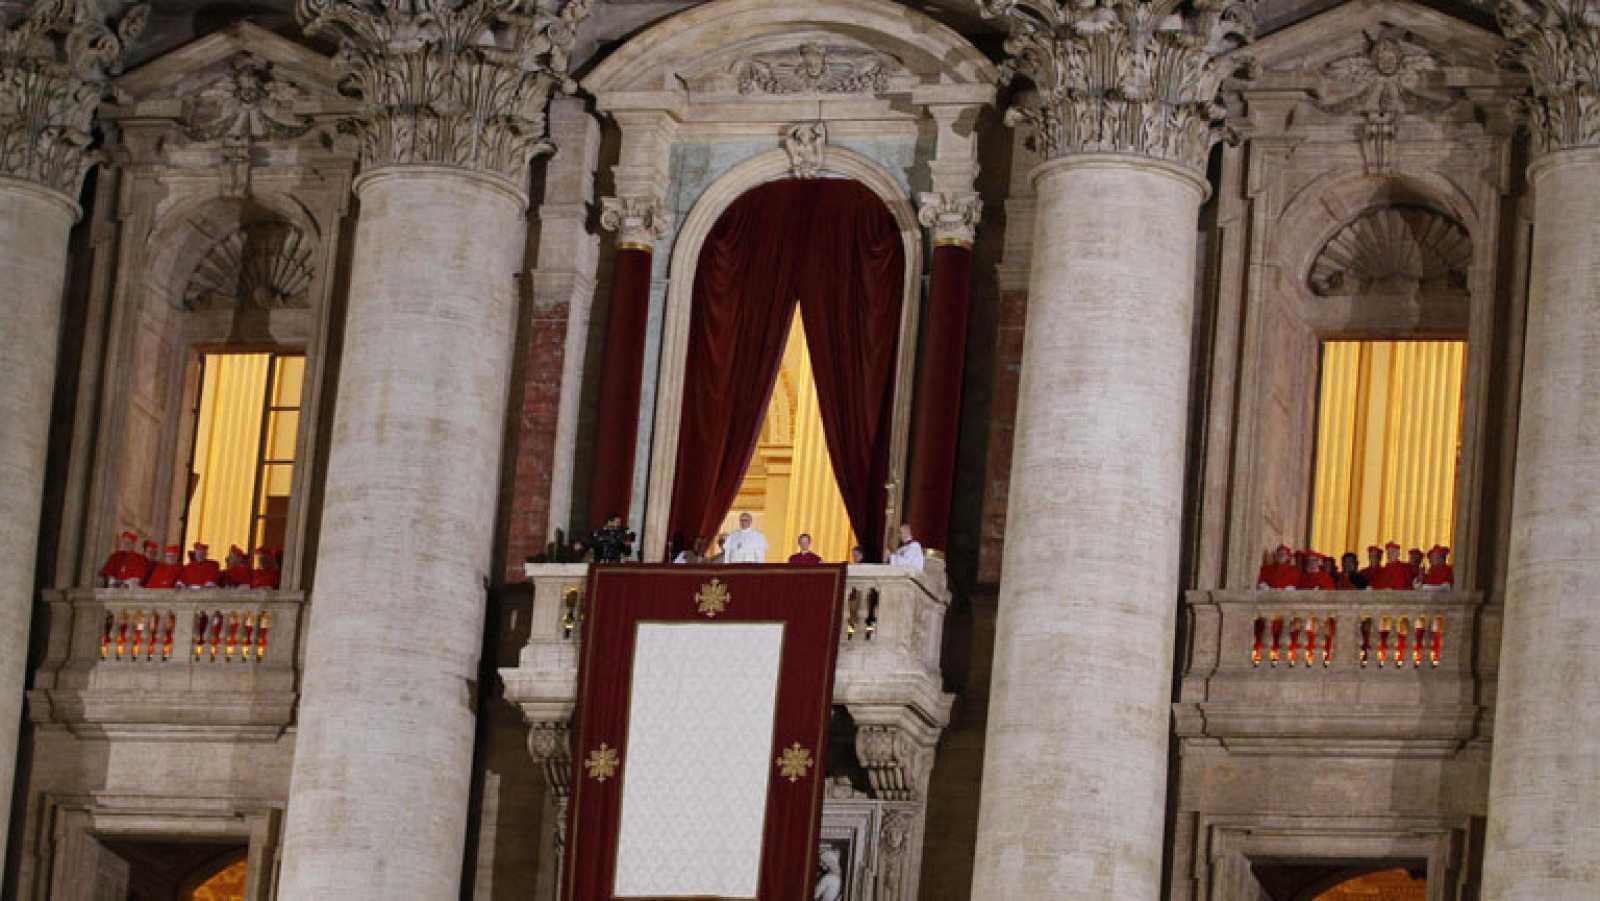 Los artículos mas vendidos en Roma son estampas y rosarios con el papa Francisco